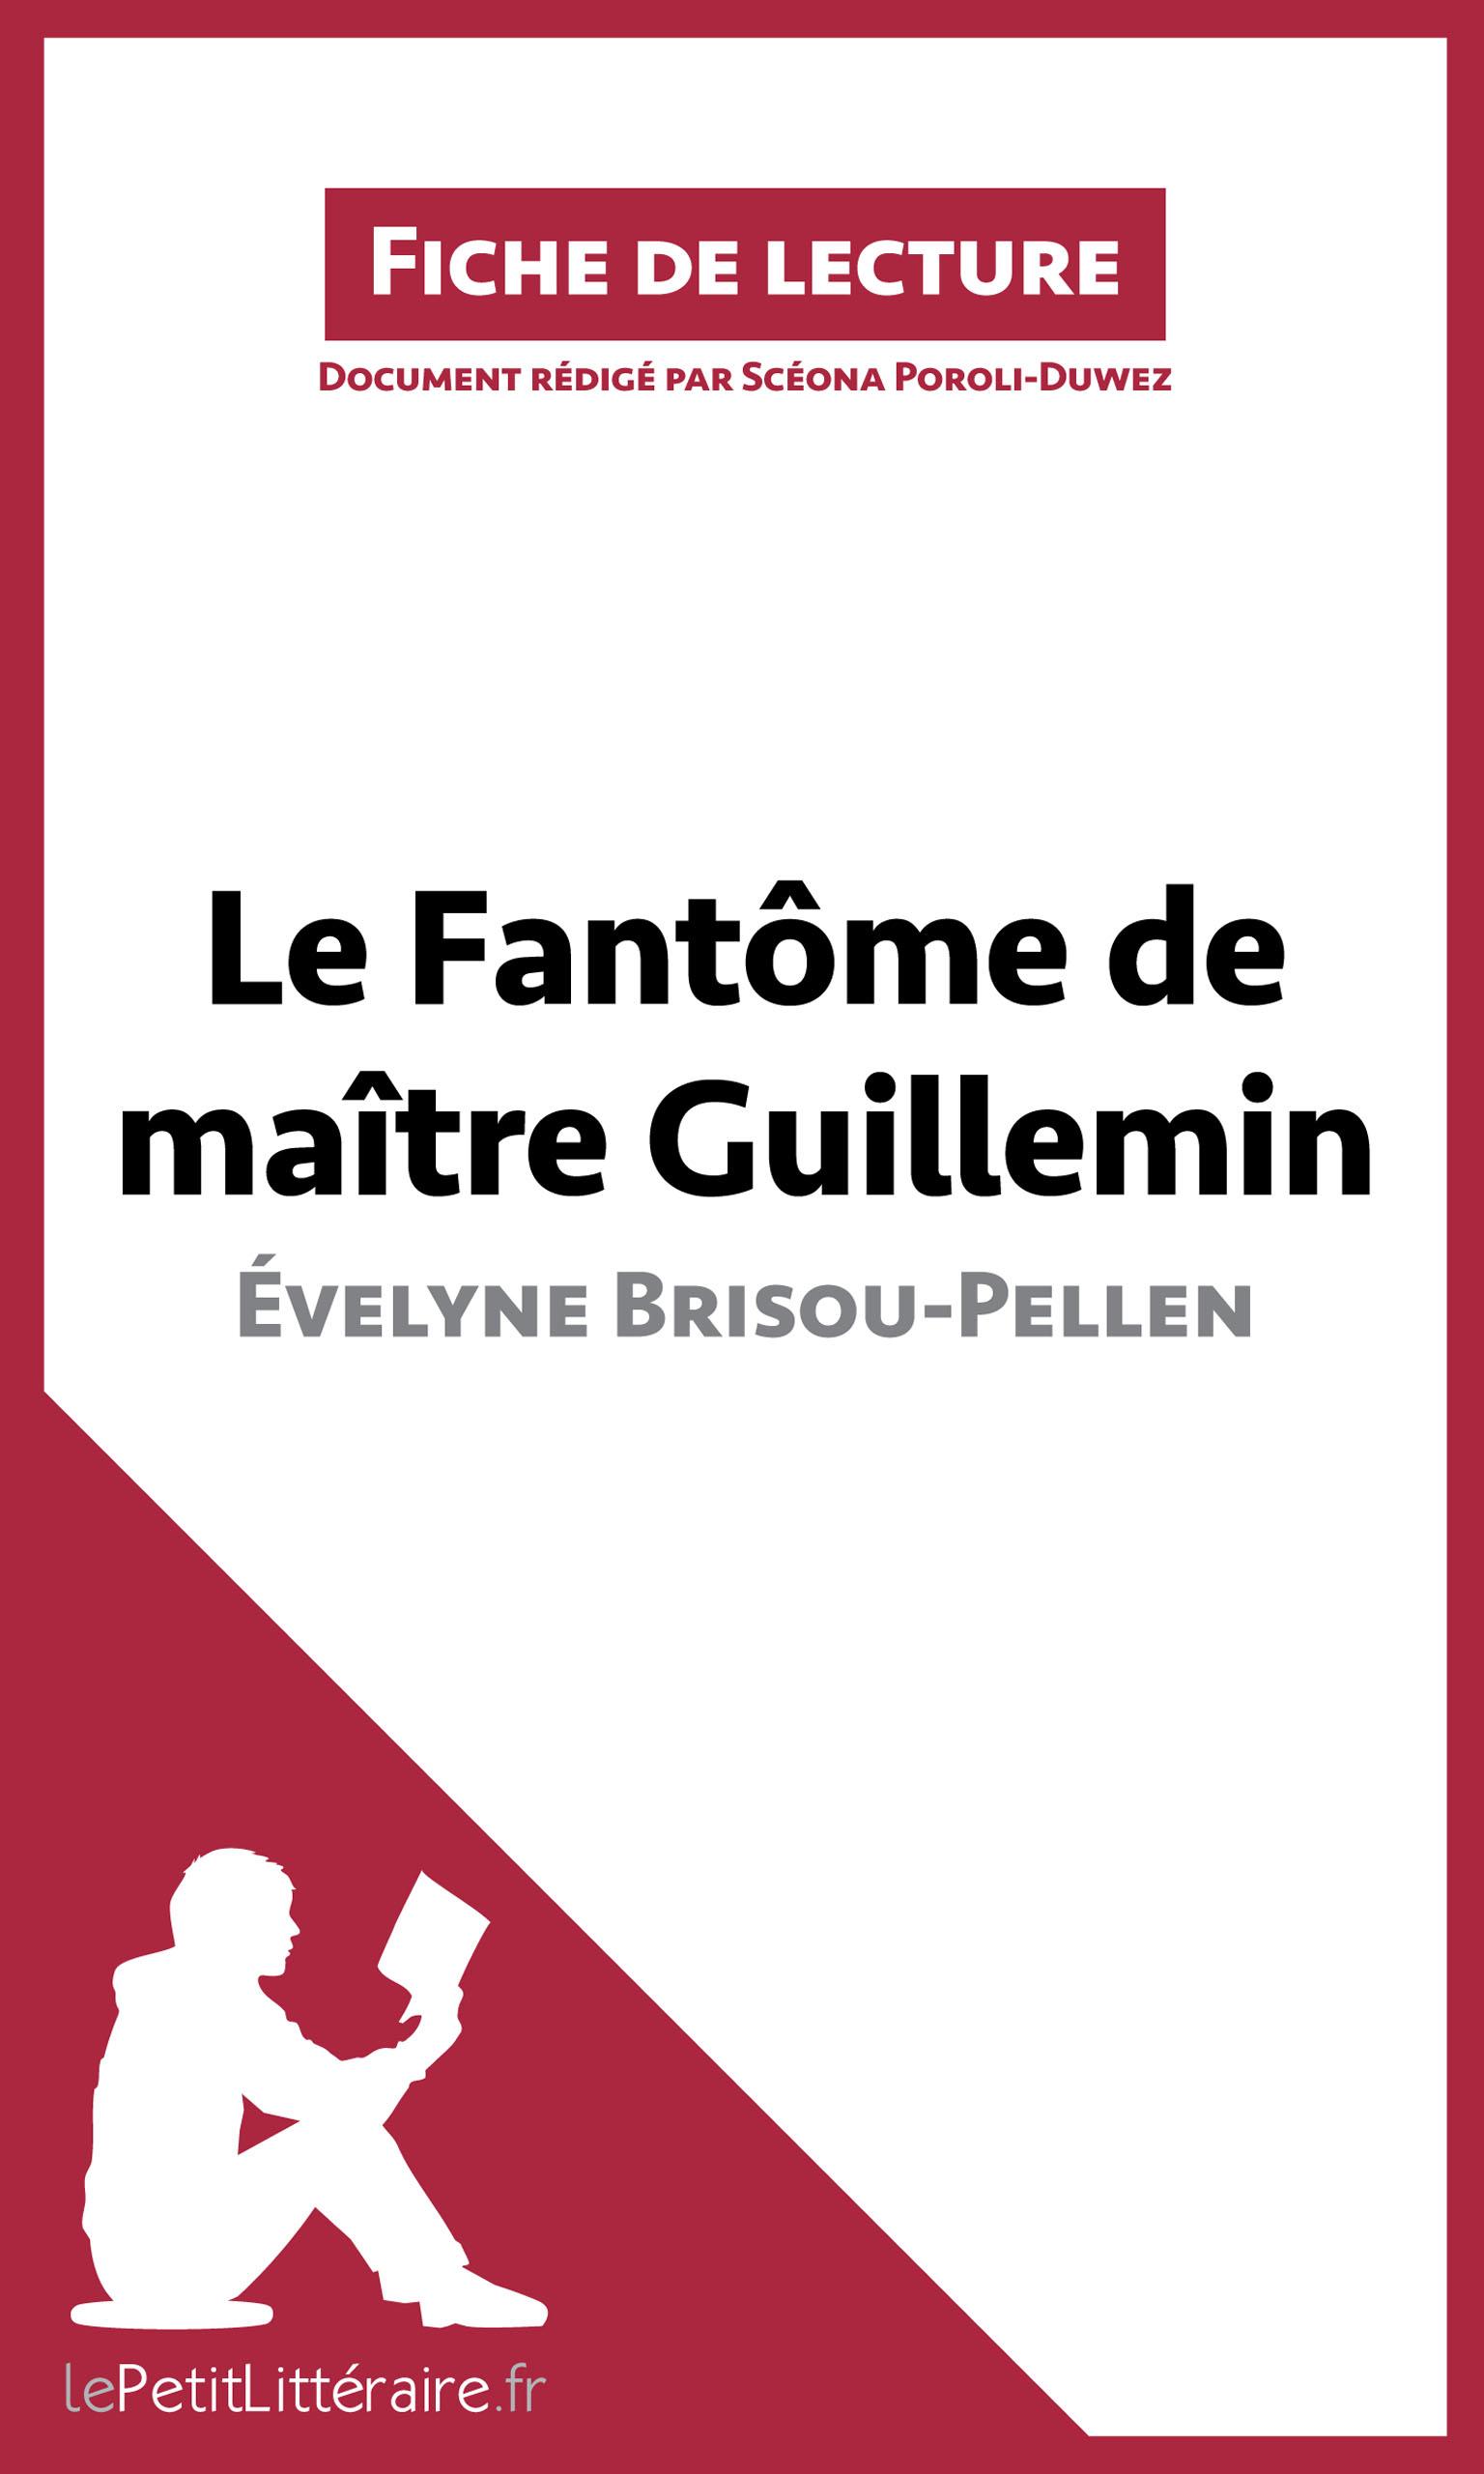 Le Fantôme de maître Guillemin